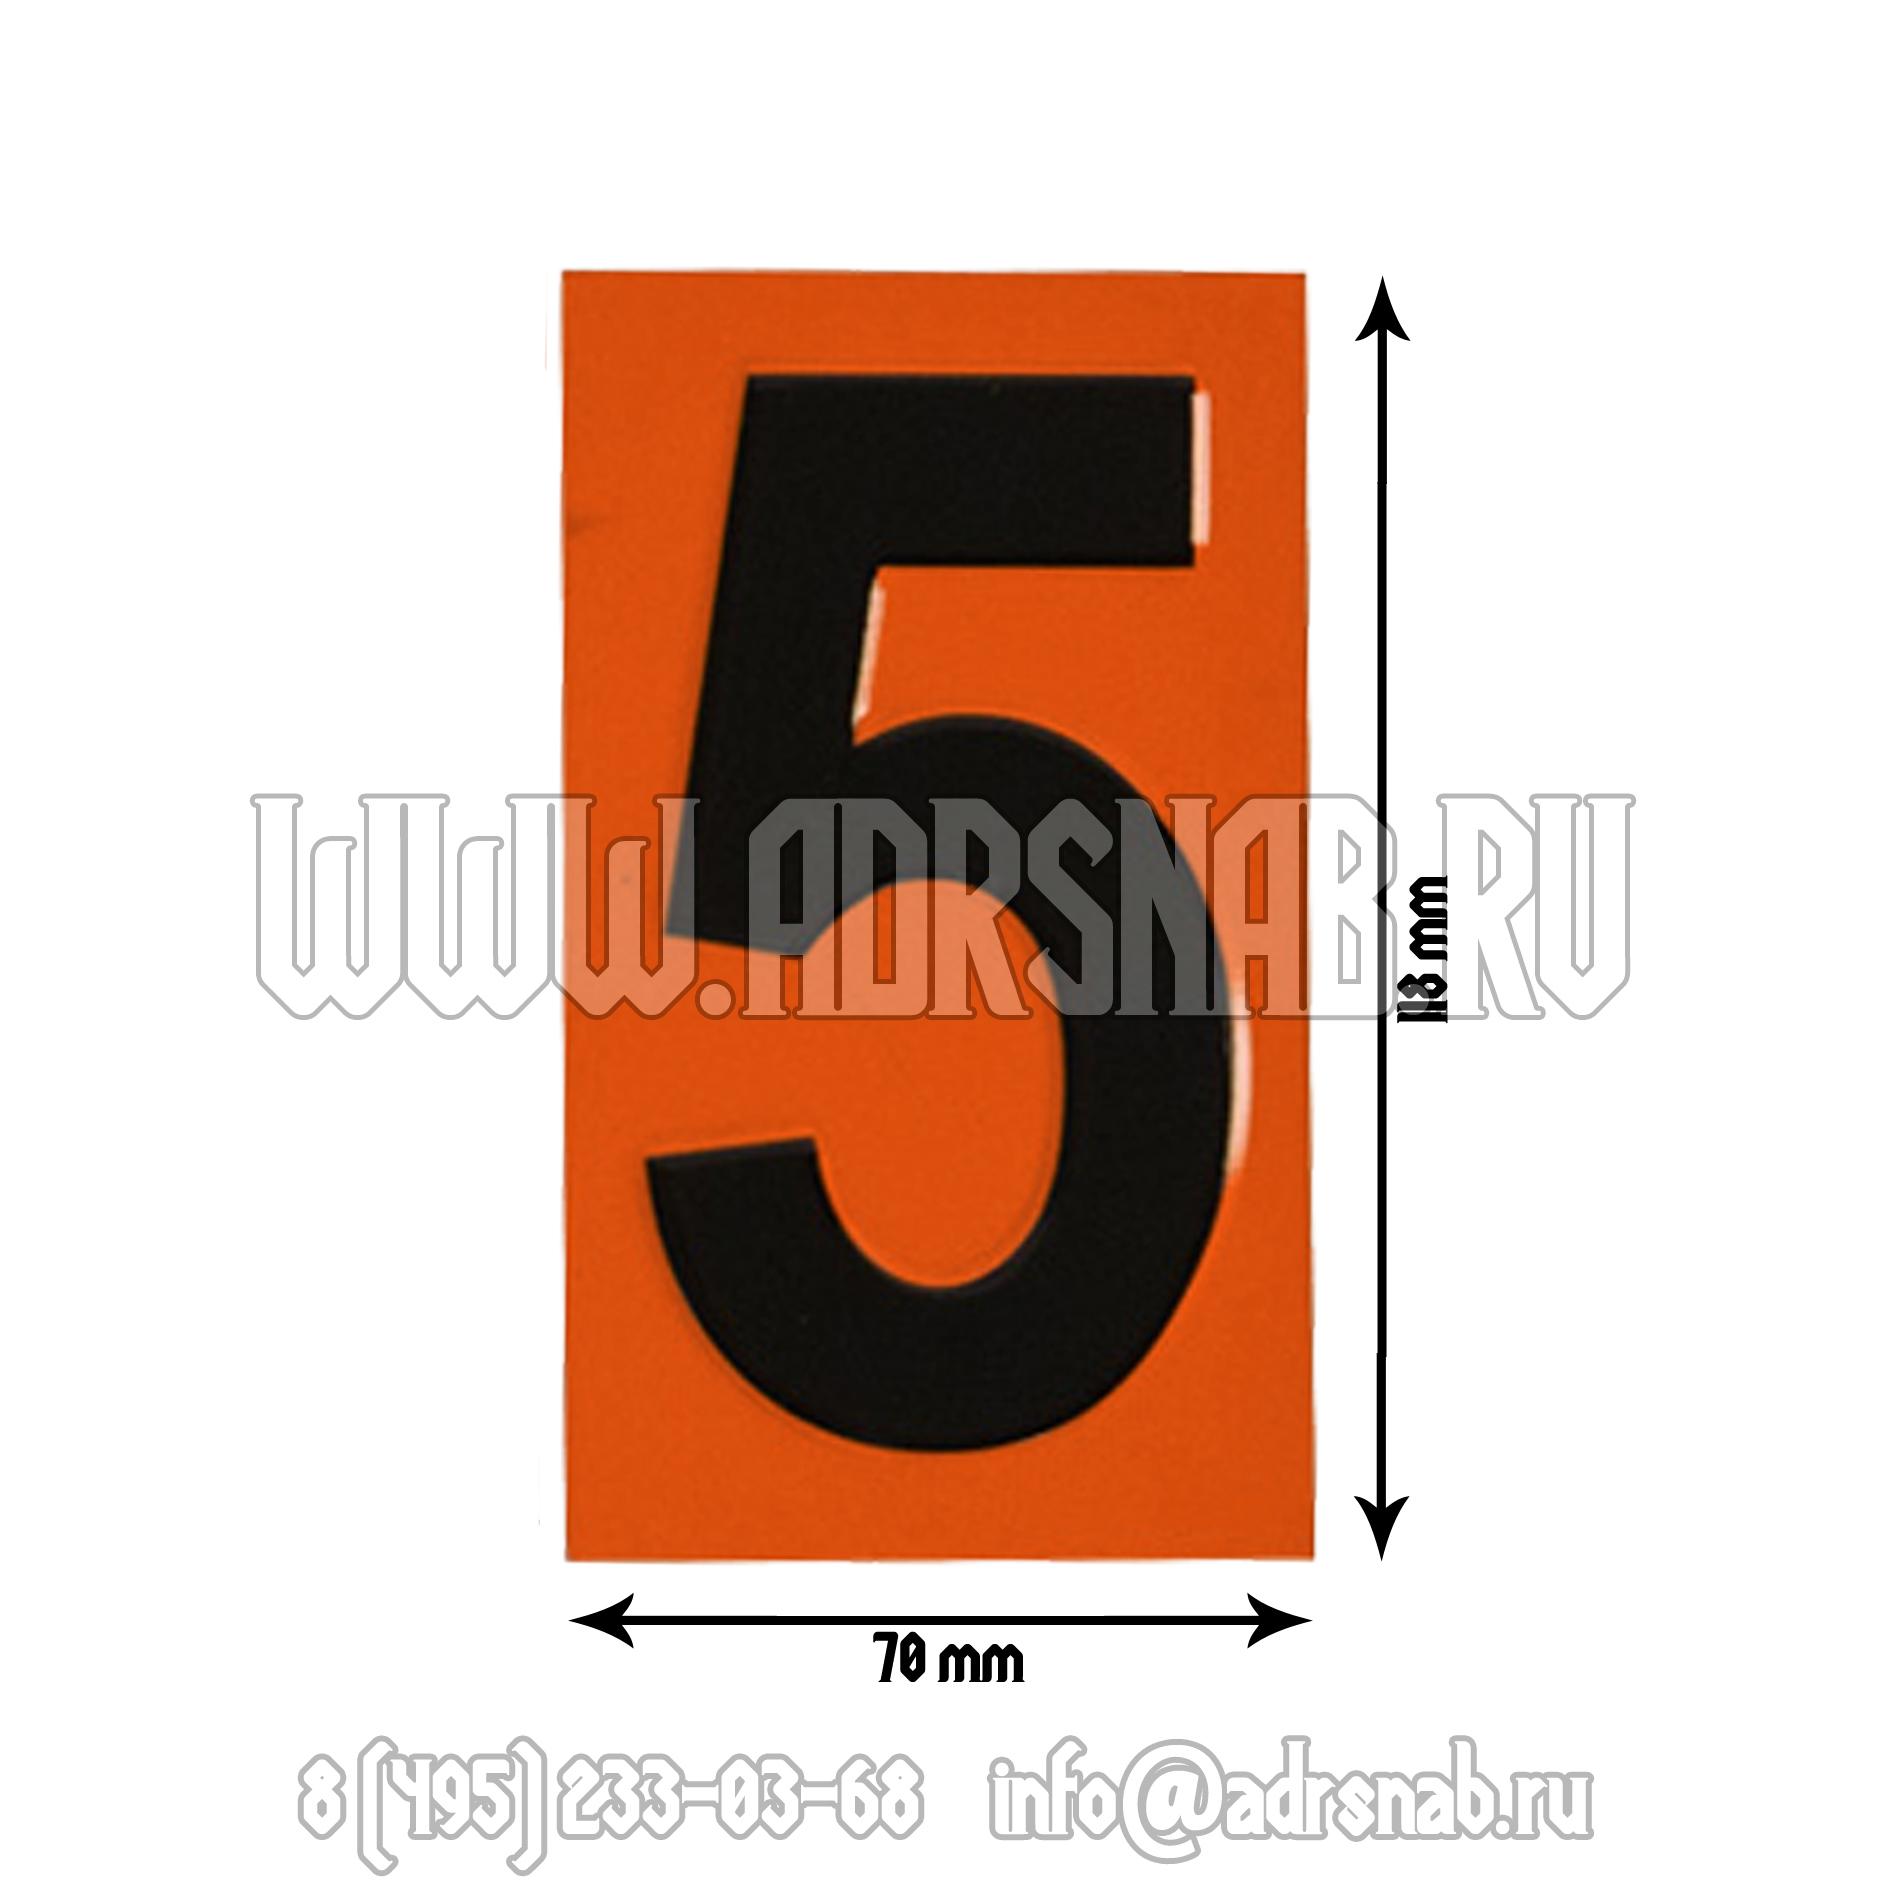 Цифры для наборных табличек размер